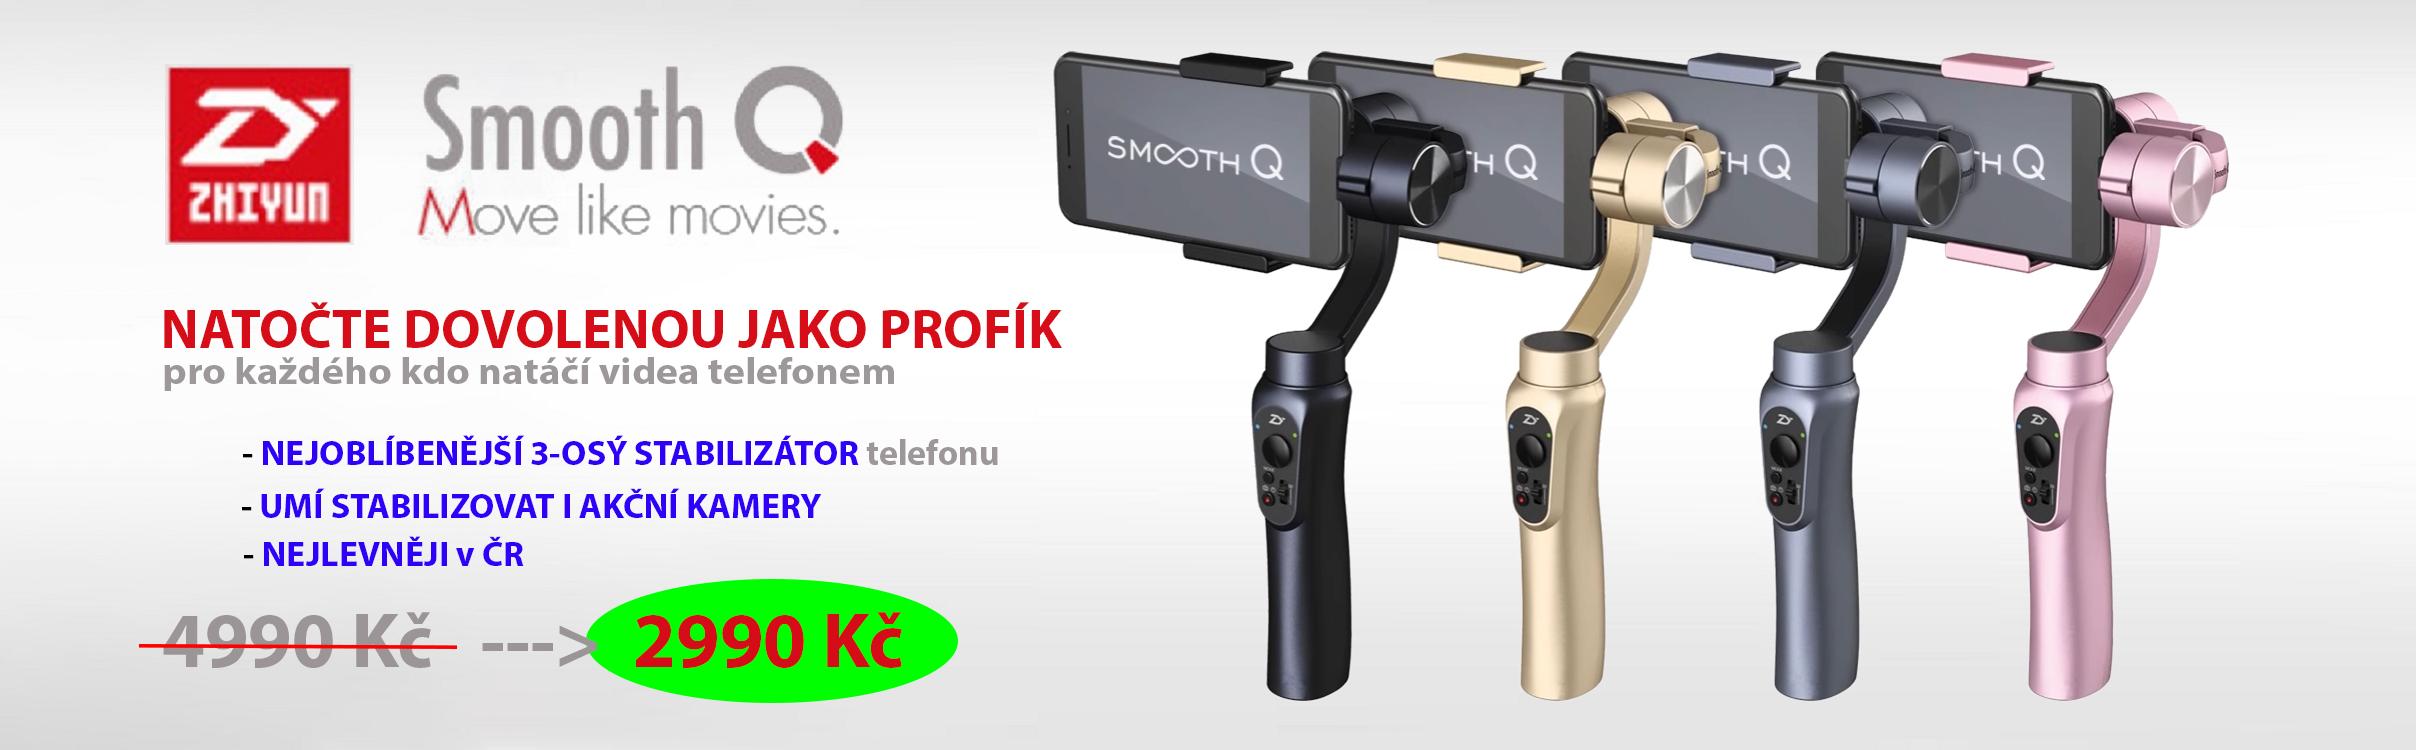 Nový král mezi dostupnými Gimbaly (Stabilizátor telefonu) - Zhiyun Tech Smooth Q